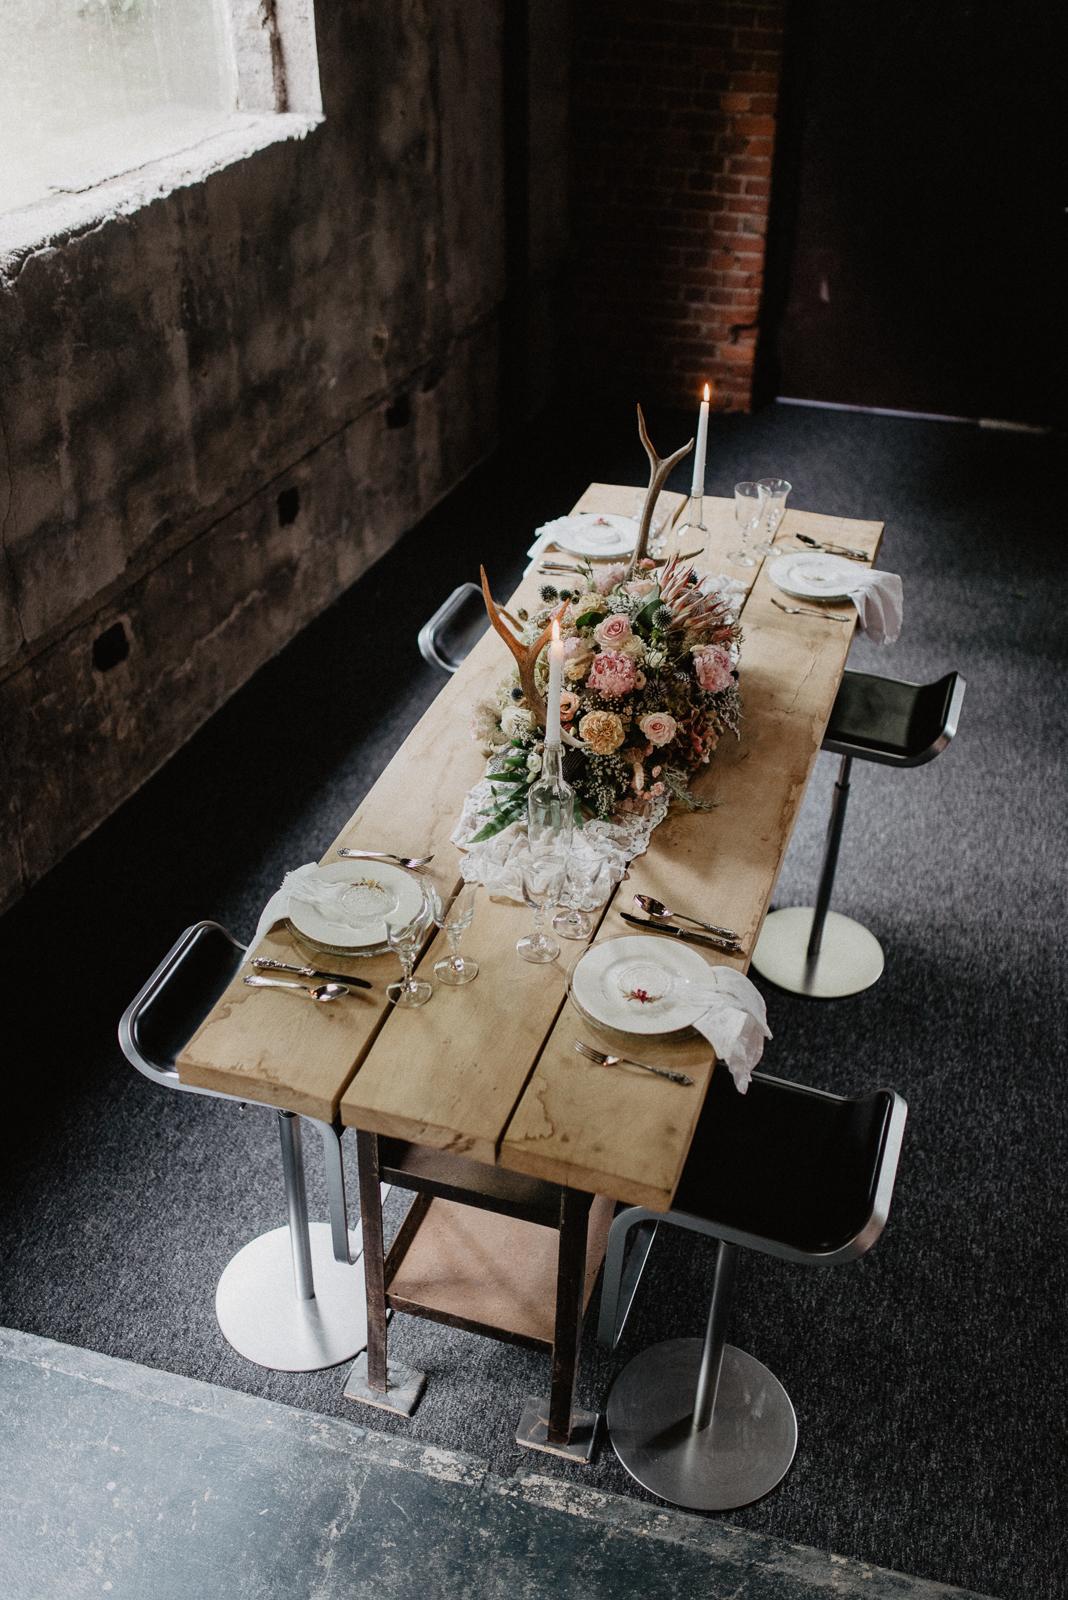 005-tischerie-floraldesign-floristik-tischdeko-hochzeit-hochzeitsdeko-bochum